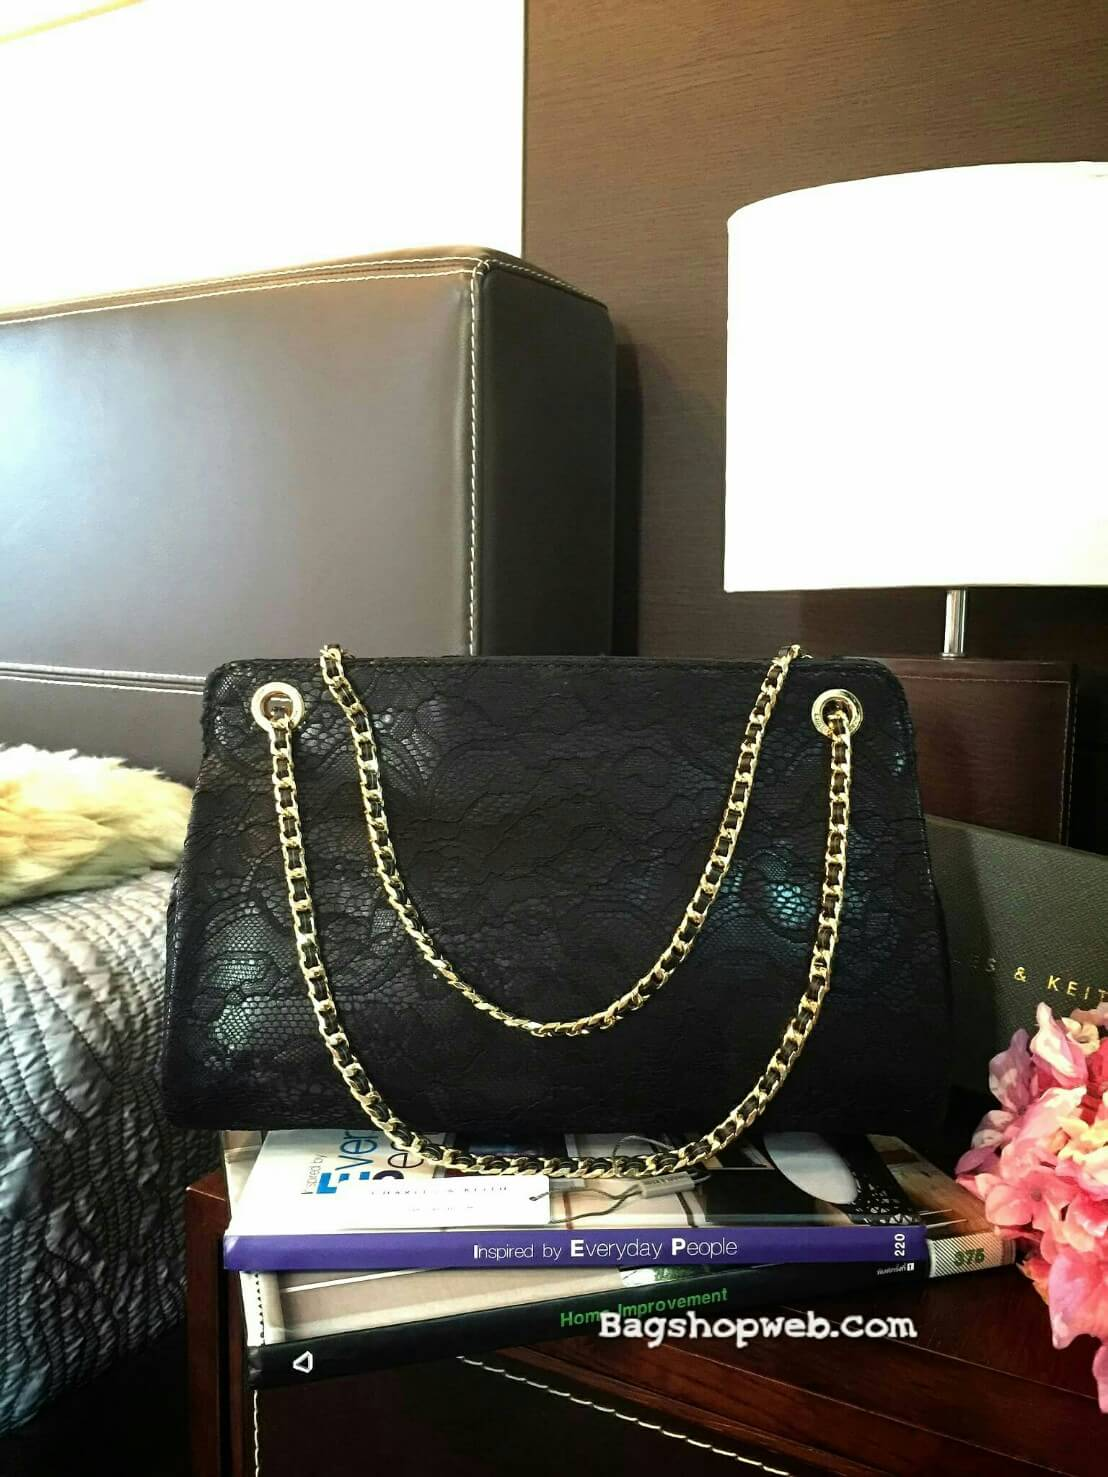 กระเป๋า CHARLE & KEITH CHAIN STRAP SHOULDER BAG 2016 กระเป๋าสะพายรุ่นใหม่ล่าสุดแบบชนช็อป!